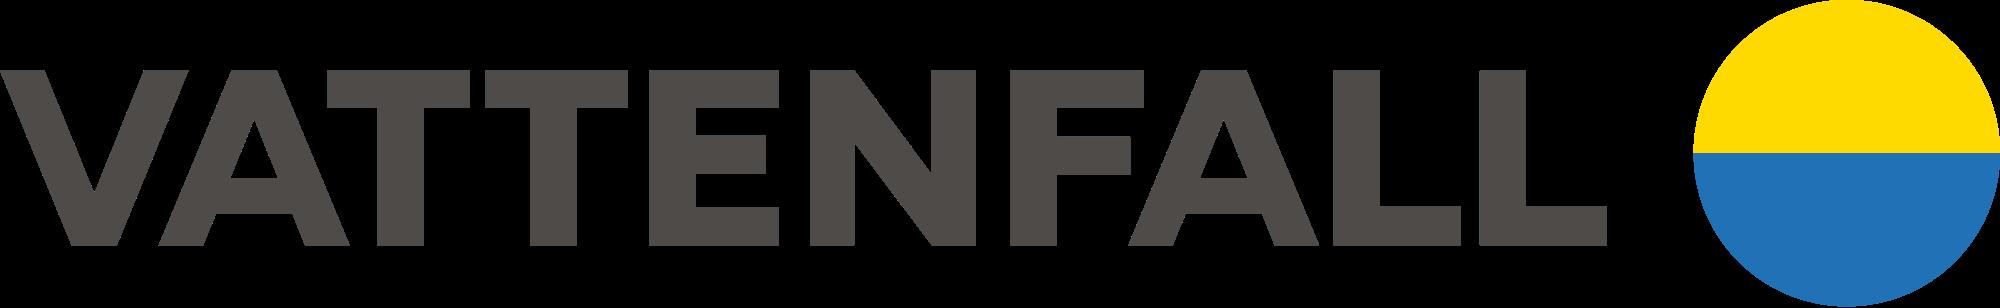 vattenfall logo